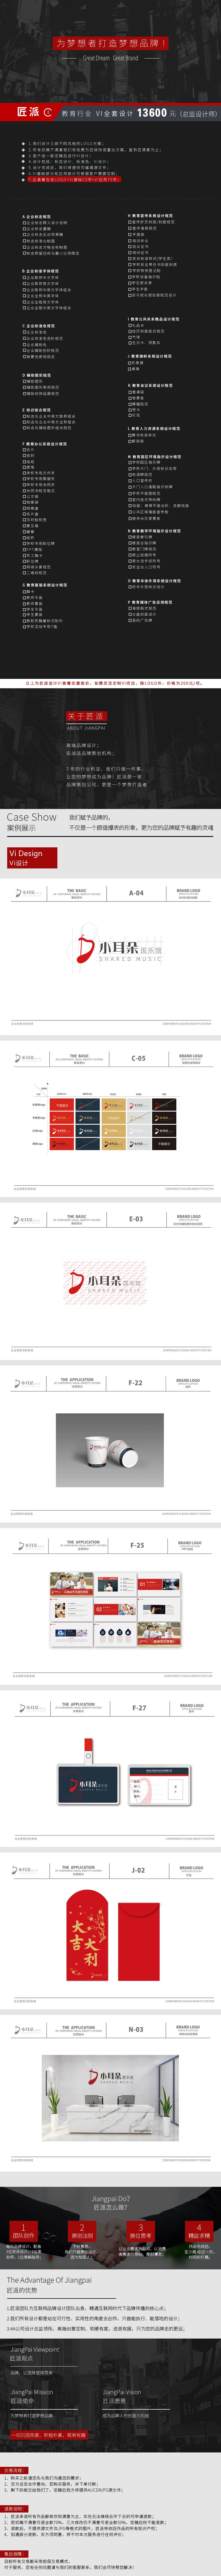 _教育培训企业行业vi设计公司VI应用系统设计VIS设计升级1